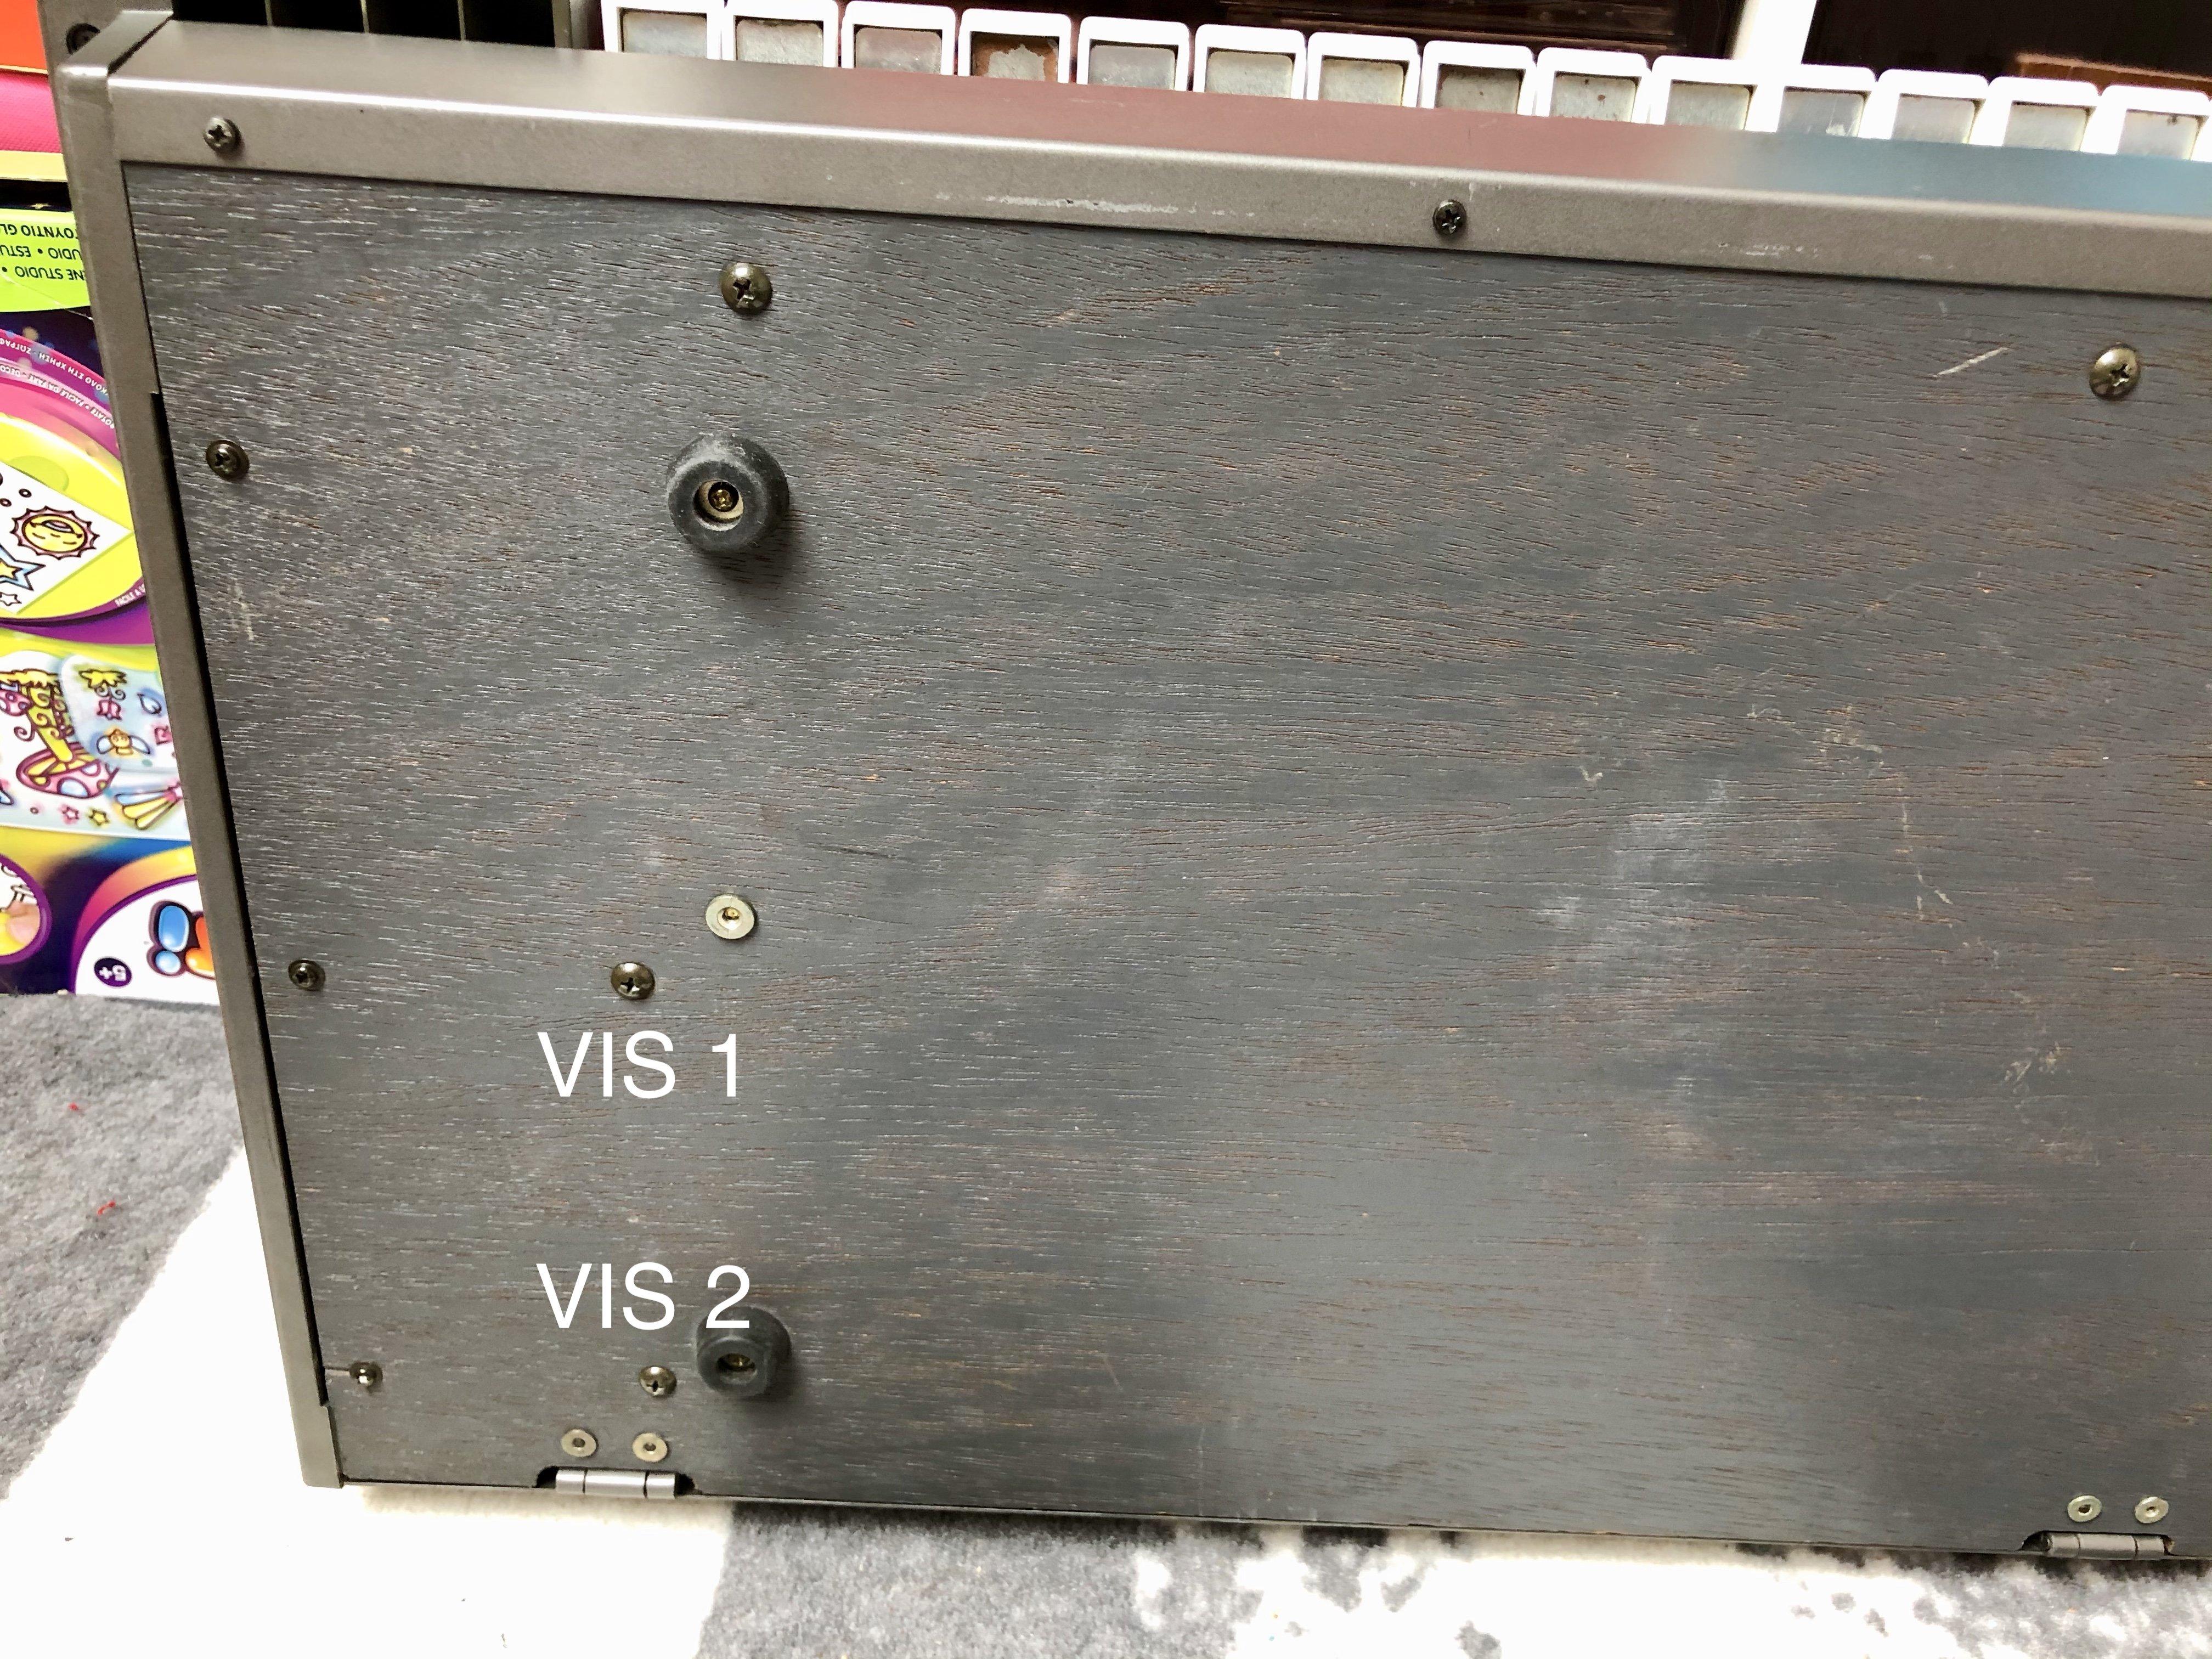 Photo des 2 vis qui servent à débloquer la façade du Roland JX-8P